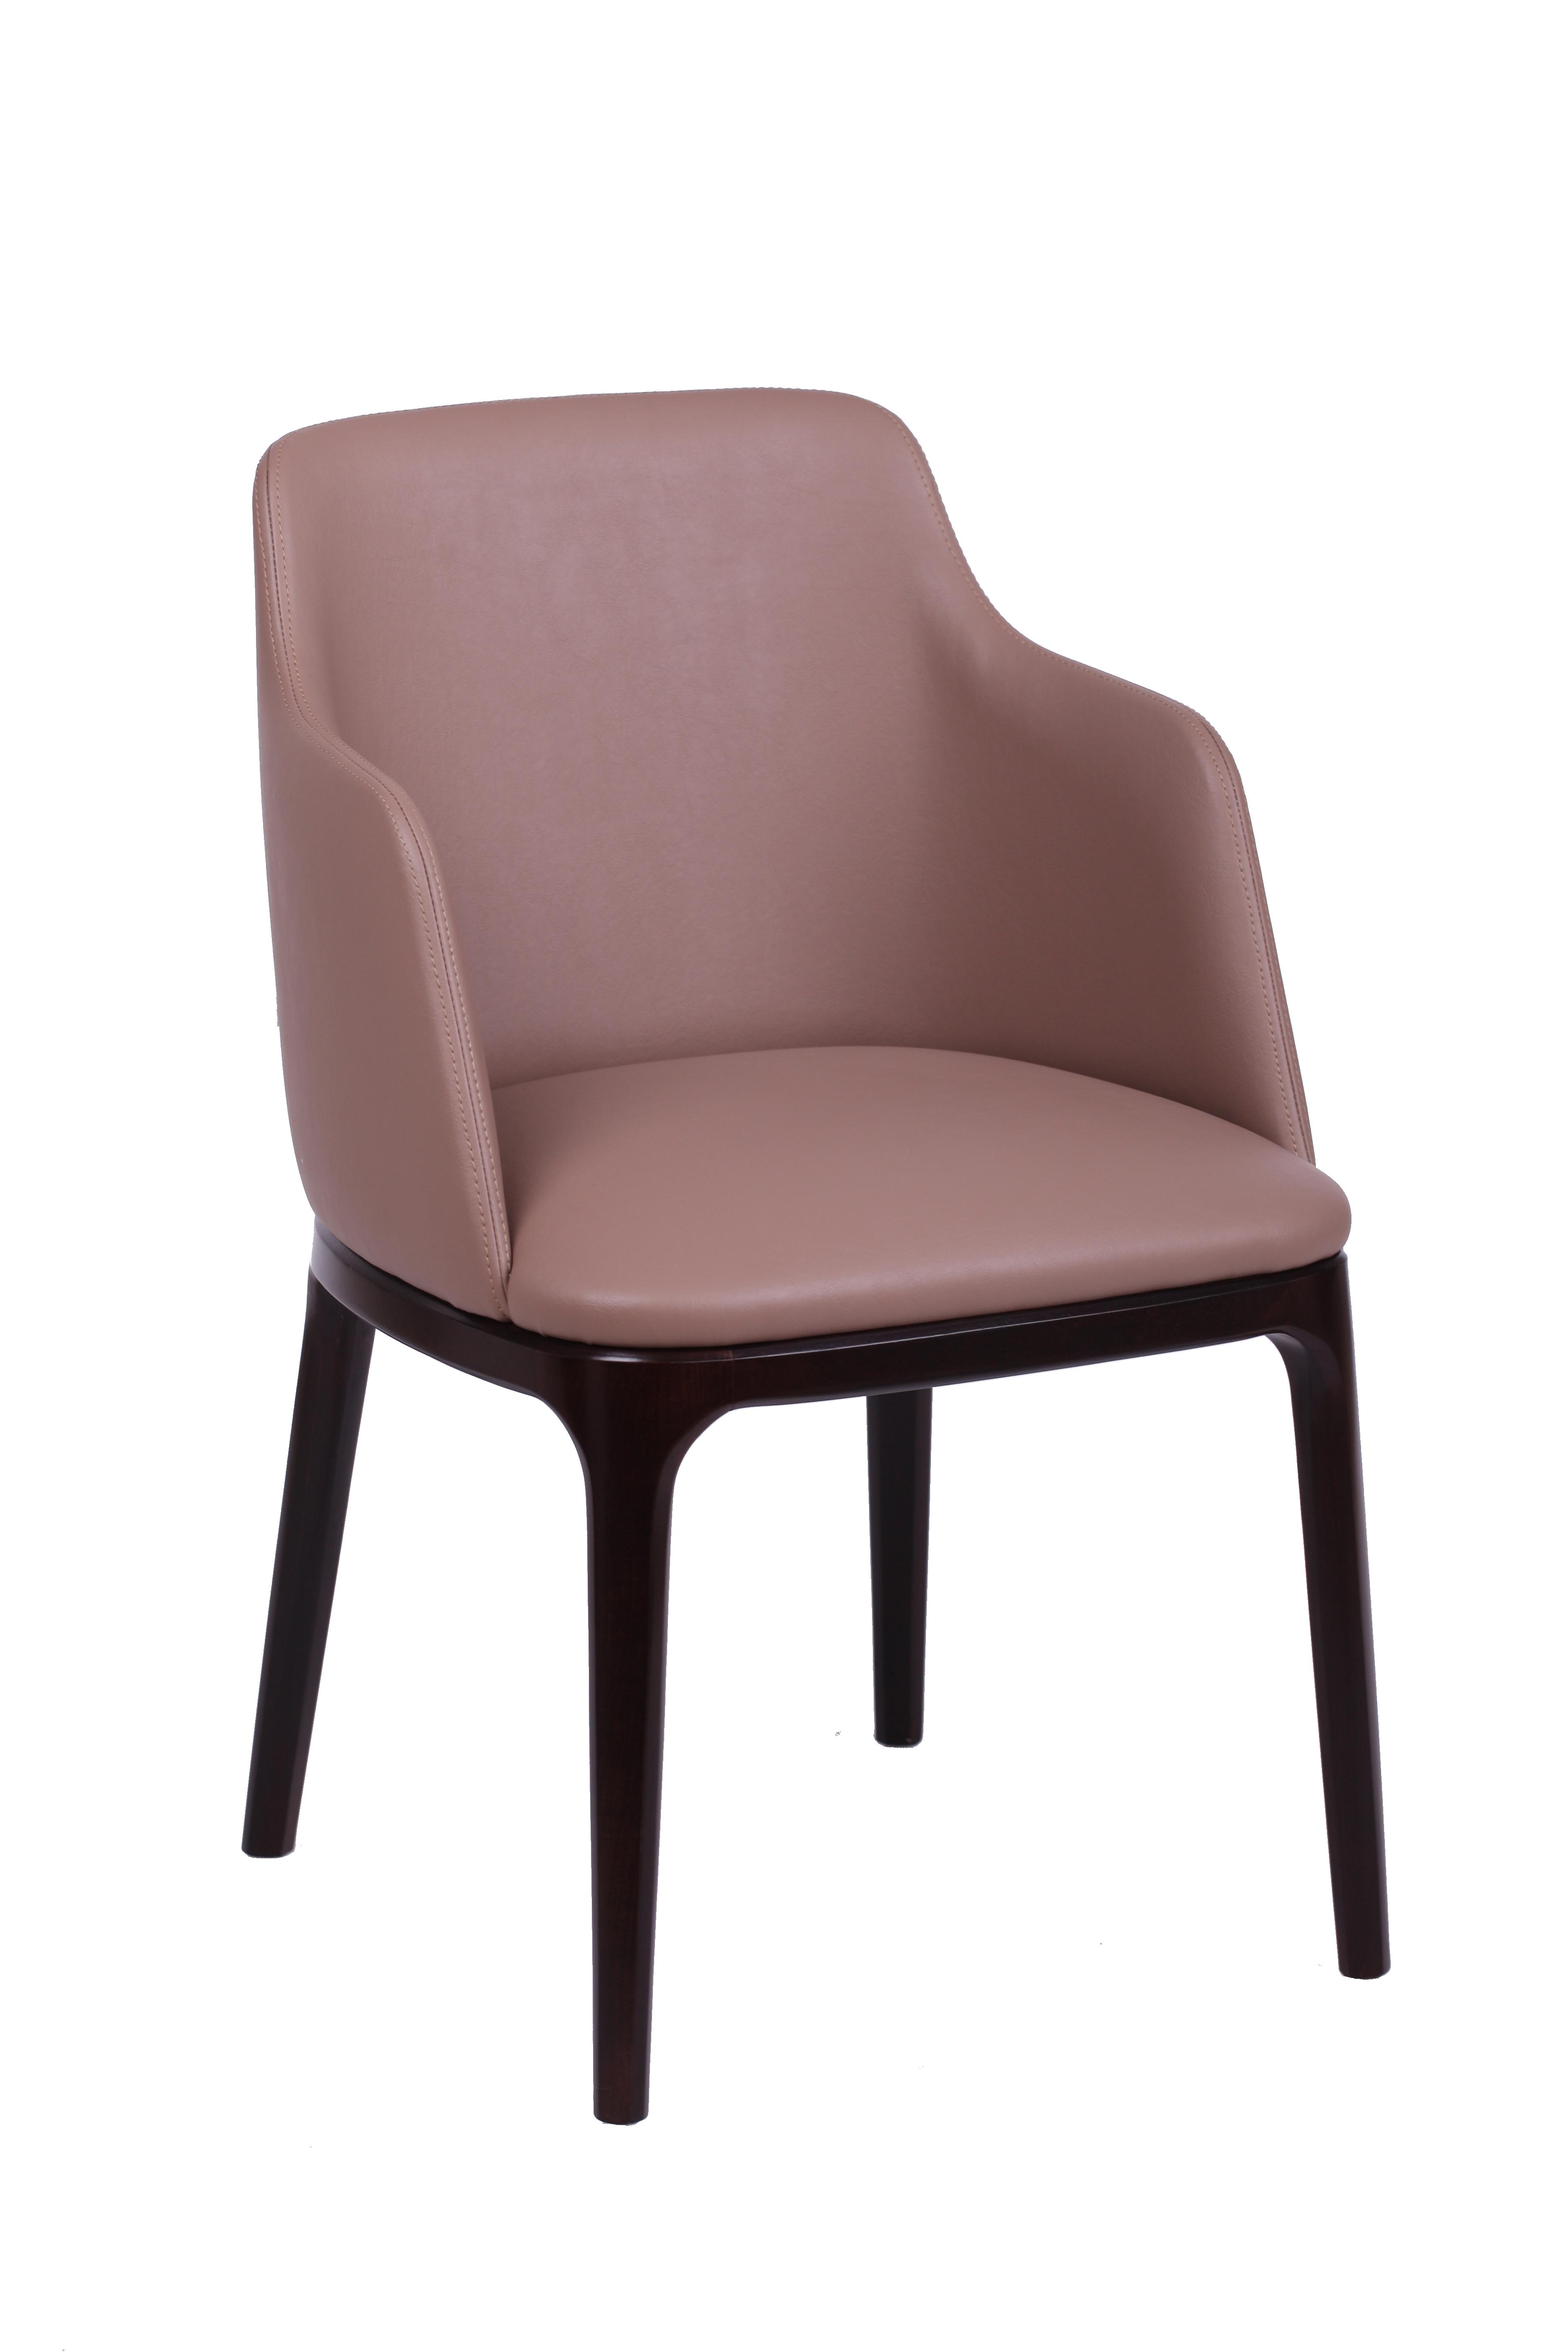 Wygodne krzesło tapicerowane KT 38 z podłokietnikami